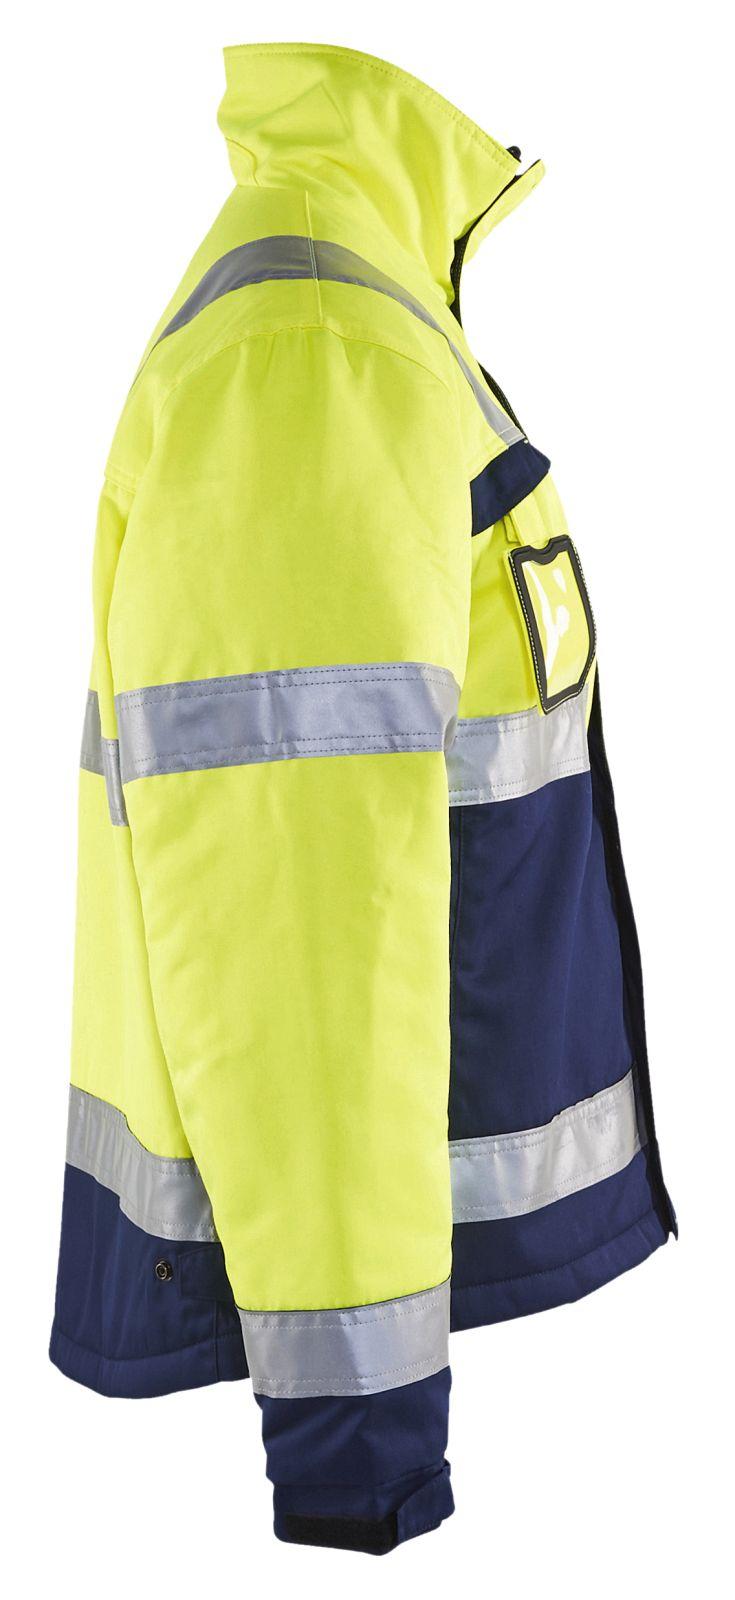 Blaklader Jassen 48621811 High Vis fluo geel-marineblauw(3389)